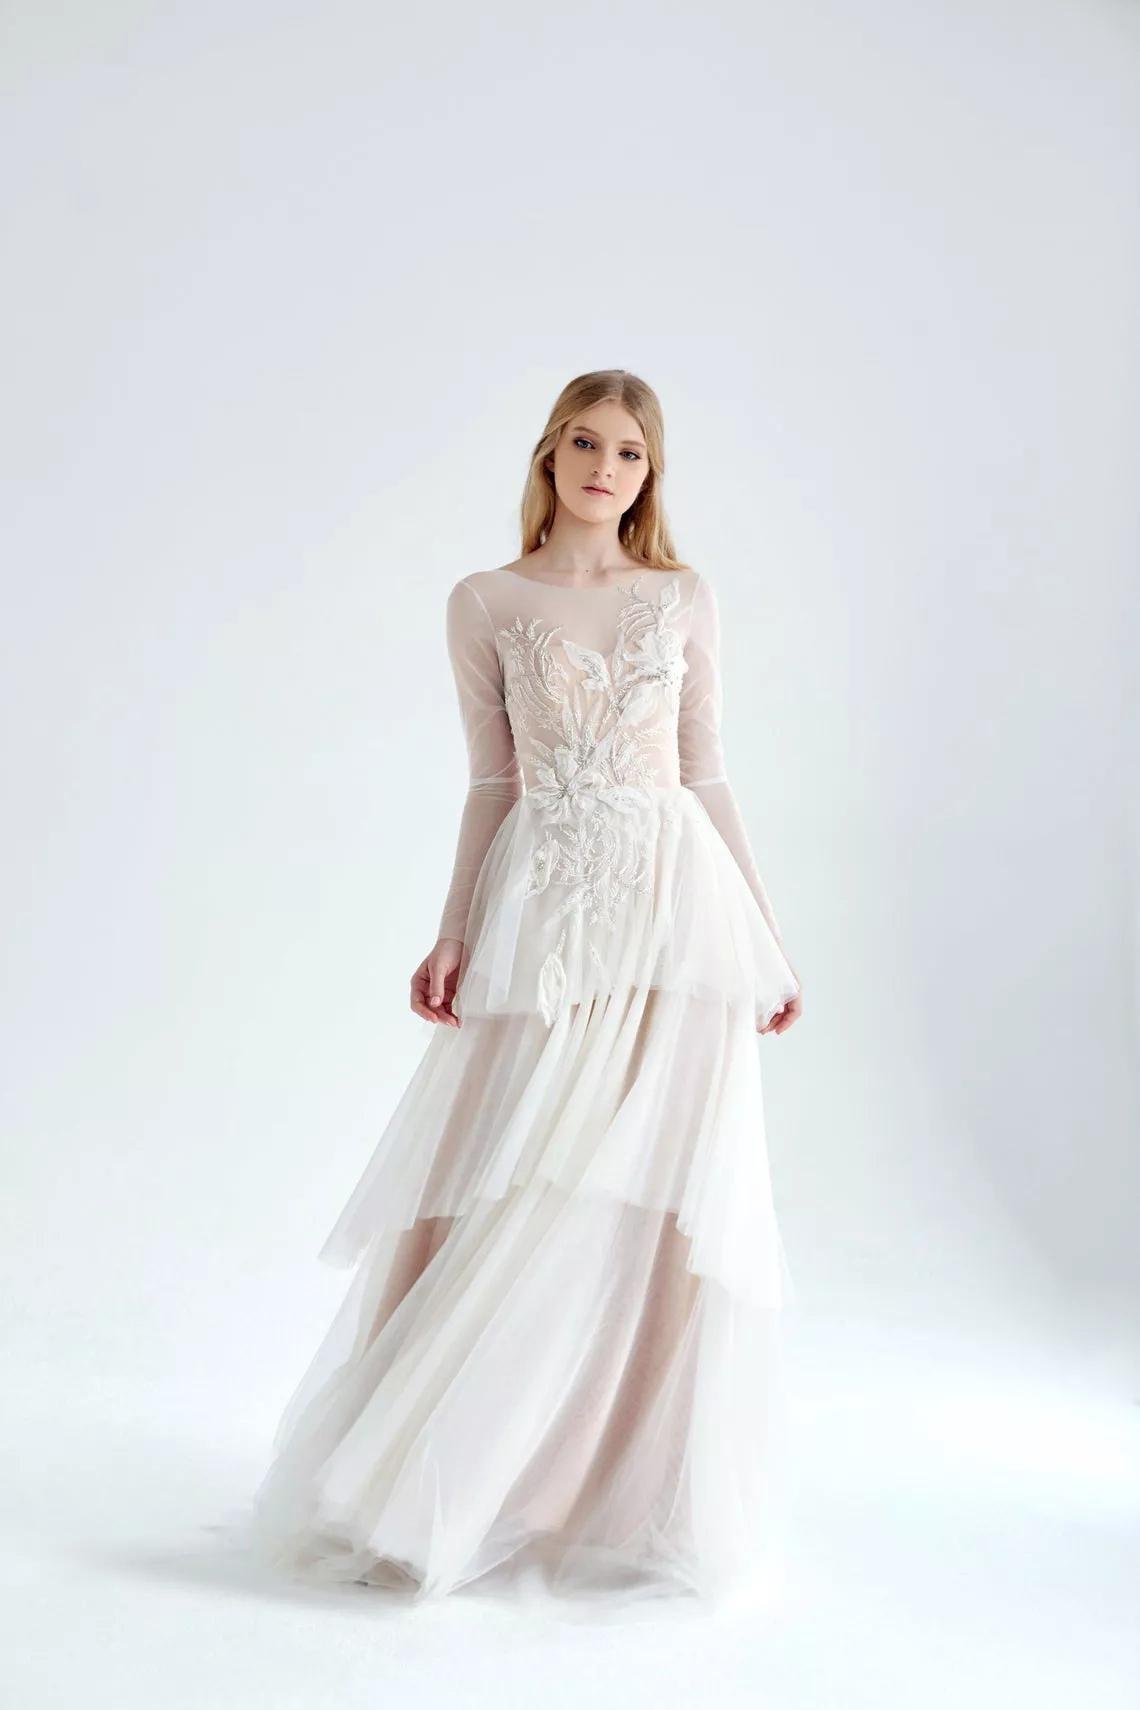 uws2Nb6zFXU - 21 романтическое платье для невесты в 2021 свадебном сезоне